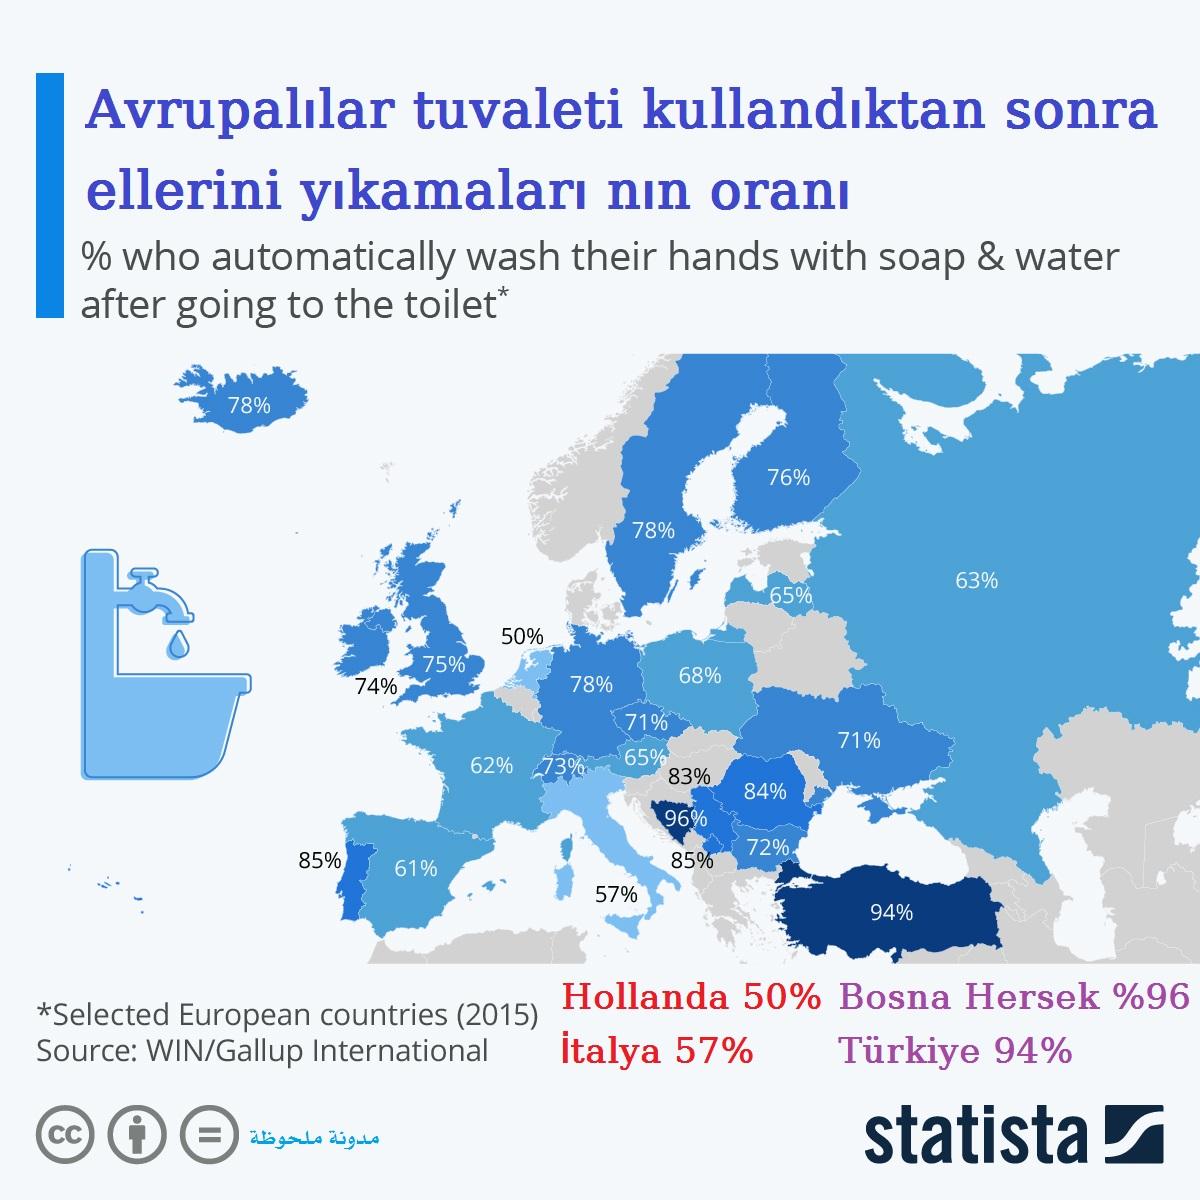 Avrupalılar tuvaleti kullandıktan sonra ellerini yıkamaları nın oranı